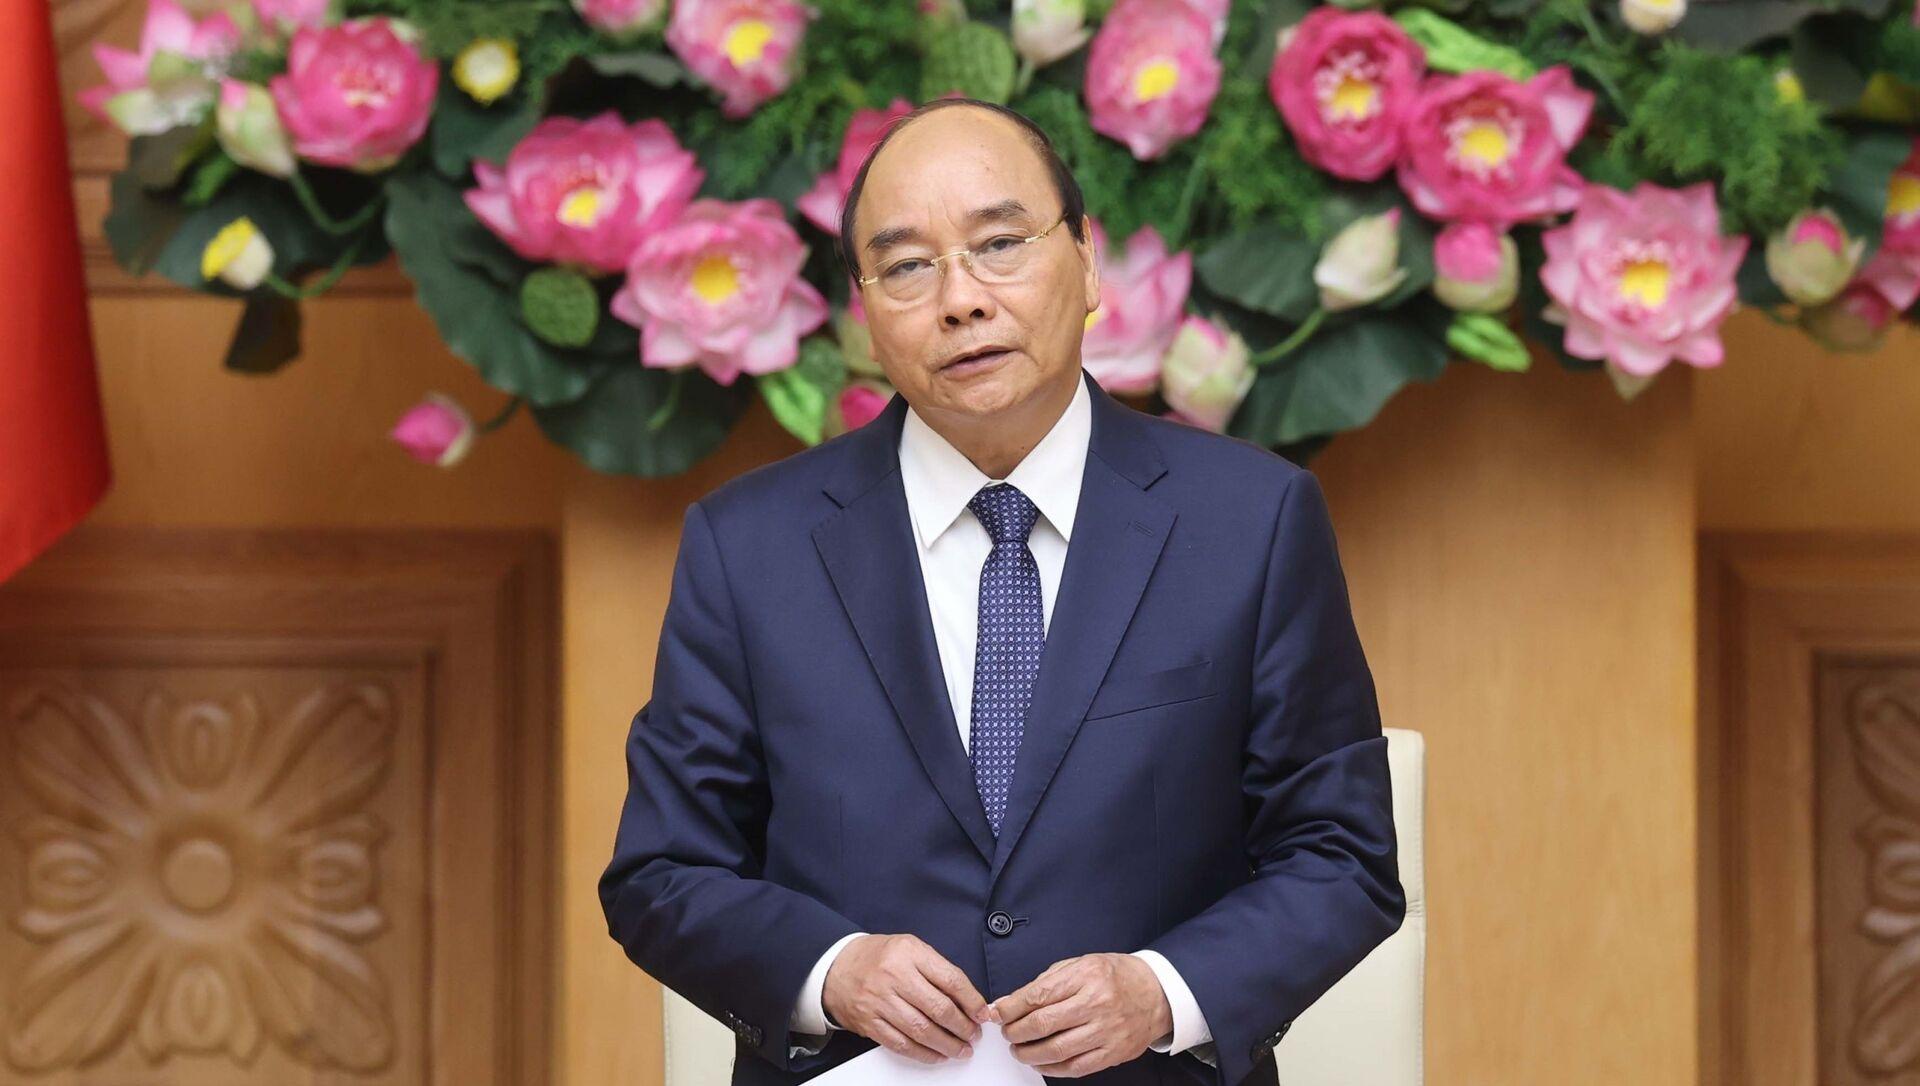 Thủ tướng Nguyễn Xuân Phúc phát biểu tại buổi tiếp đoàn đại biểu Hội Phát triển hợp tác kinh tế Việt Nam - ASEAN (VASEAN). - Sputnik Việt Nam, 1920, 18.03.2021